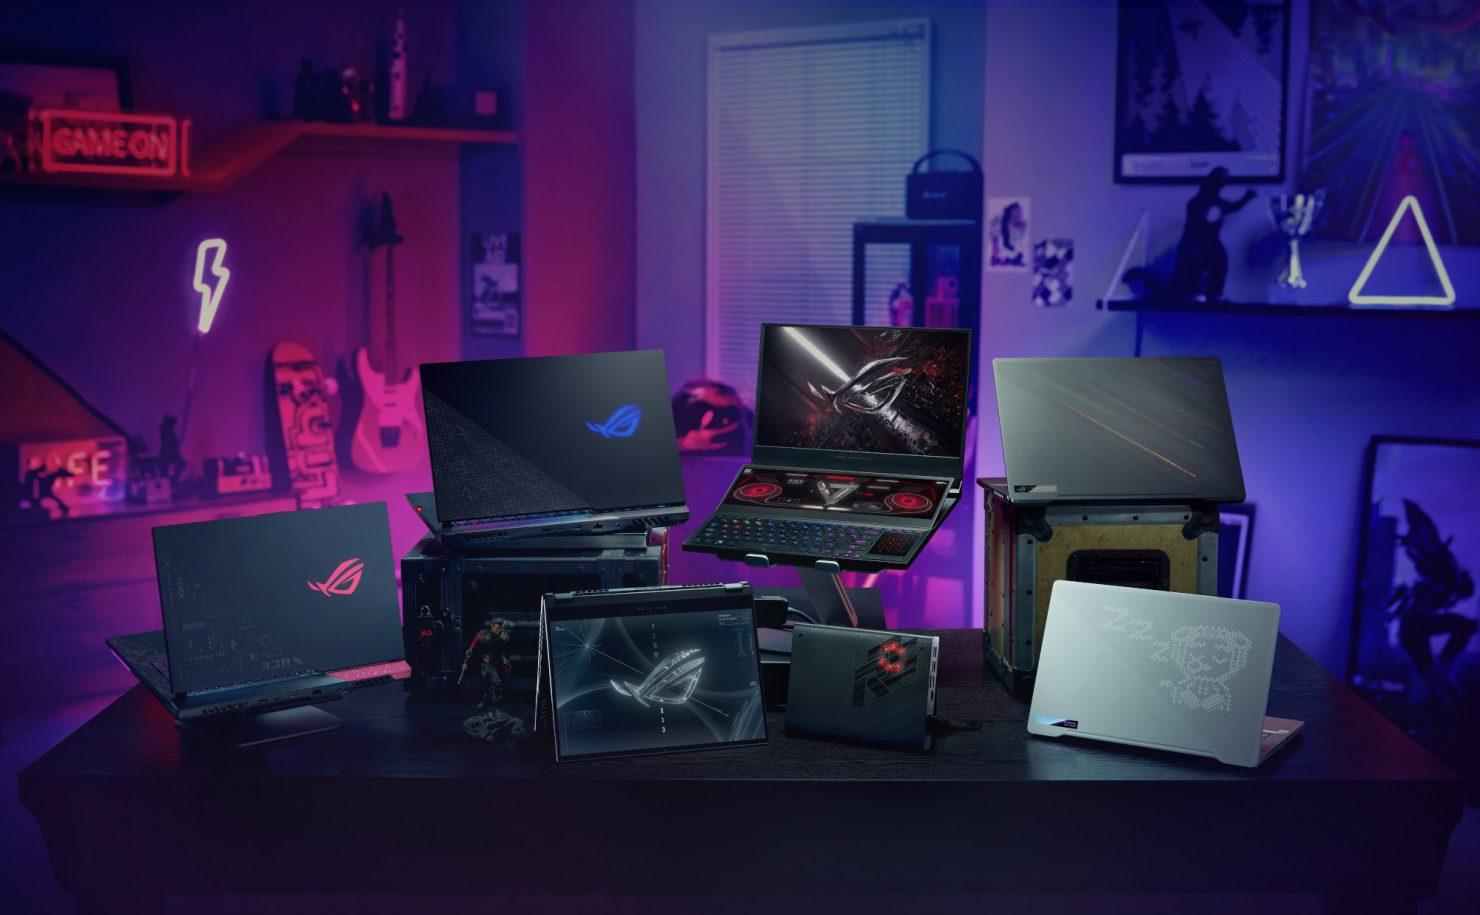 asus-intros-11th-gen-tiger-lake-h-powered-rog-zephyrus,-rog-strix-scar,-tuf-gaming-laptops